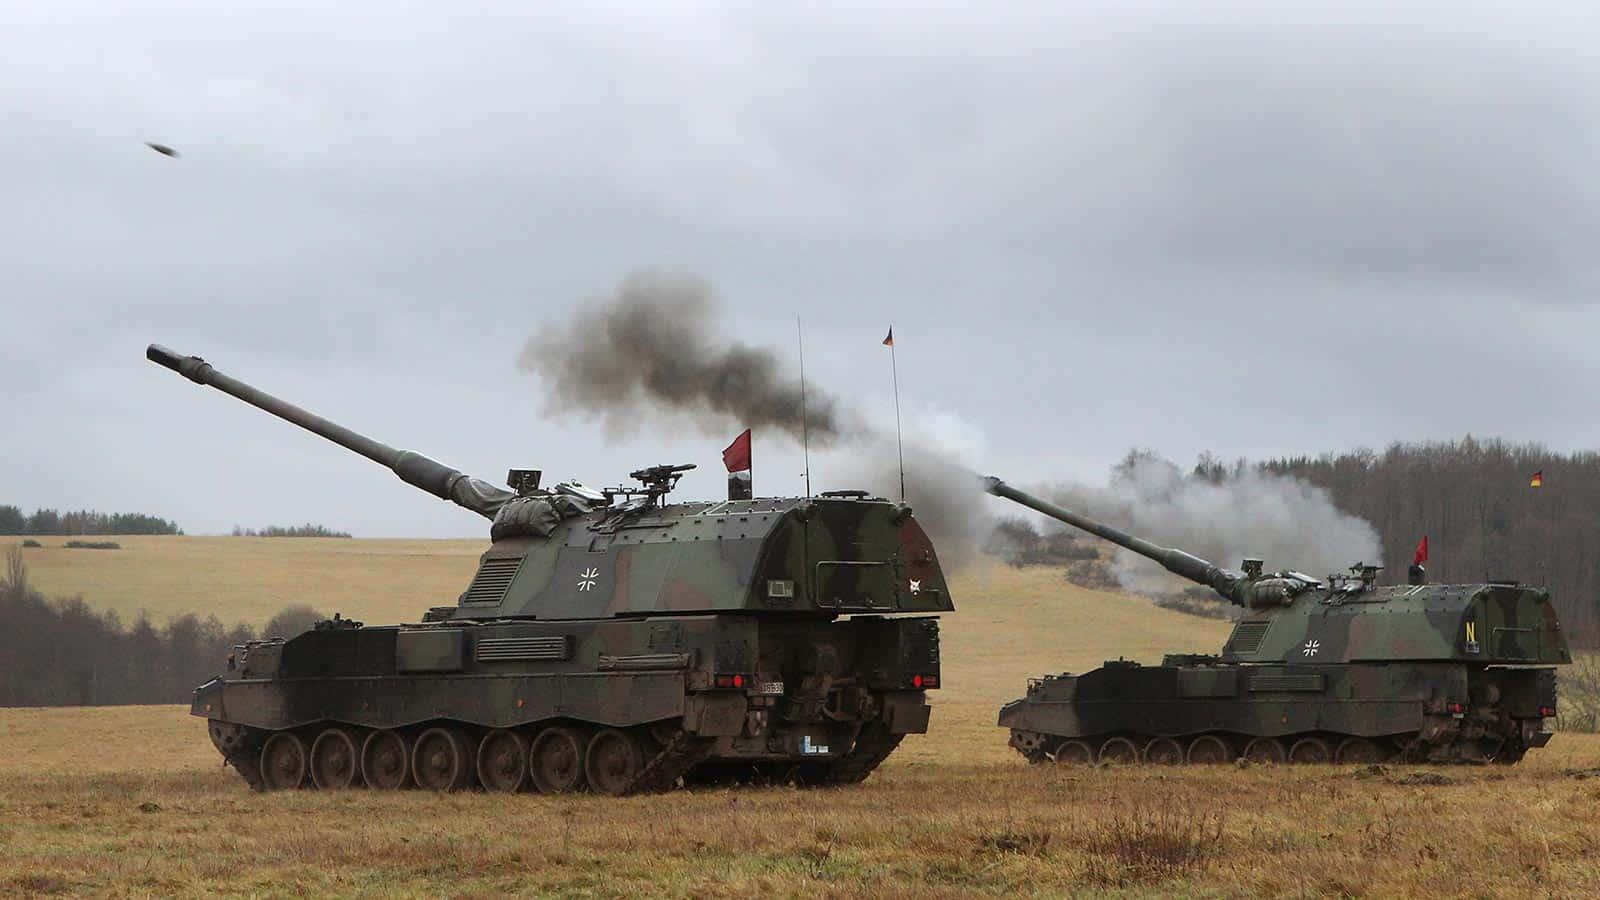 Самохідні артилерійські установки Panzerhaubitze (PzH) 2000